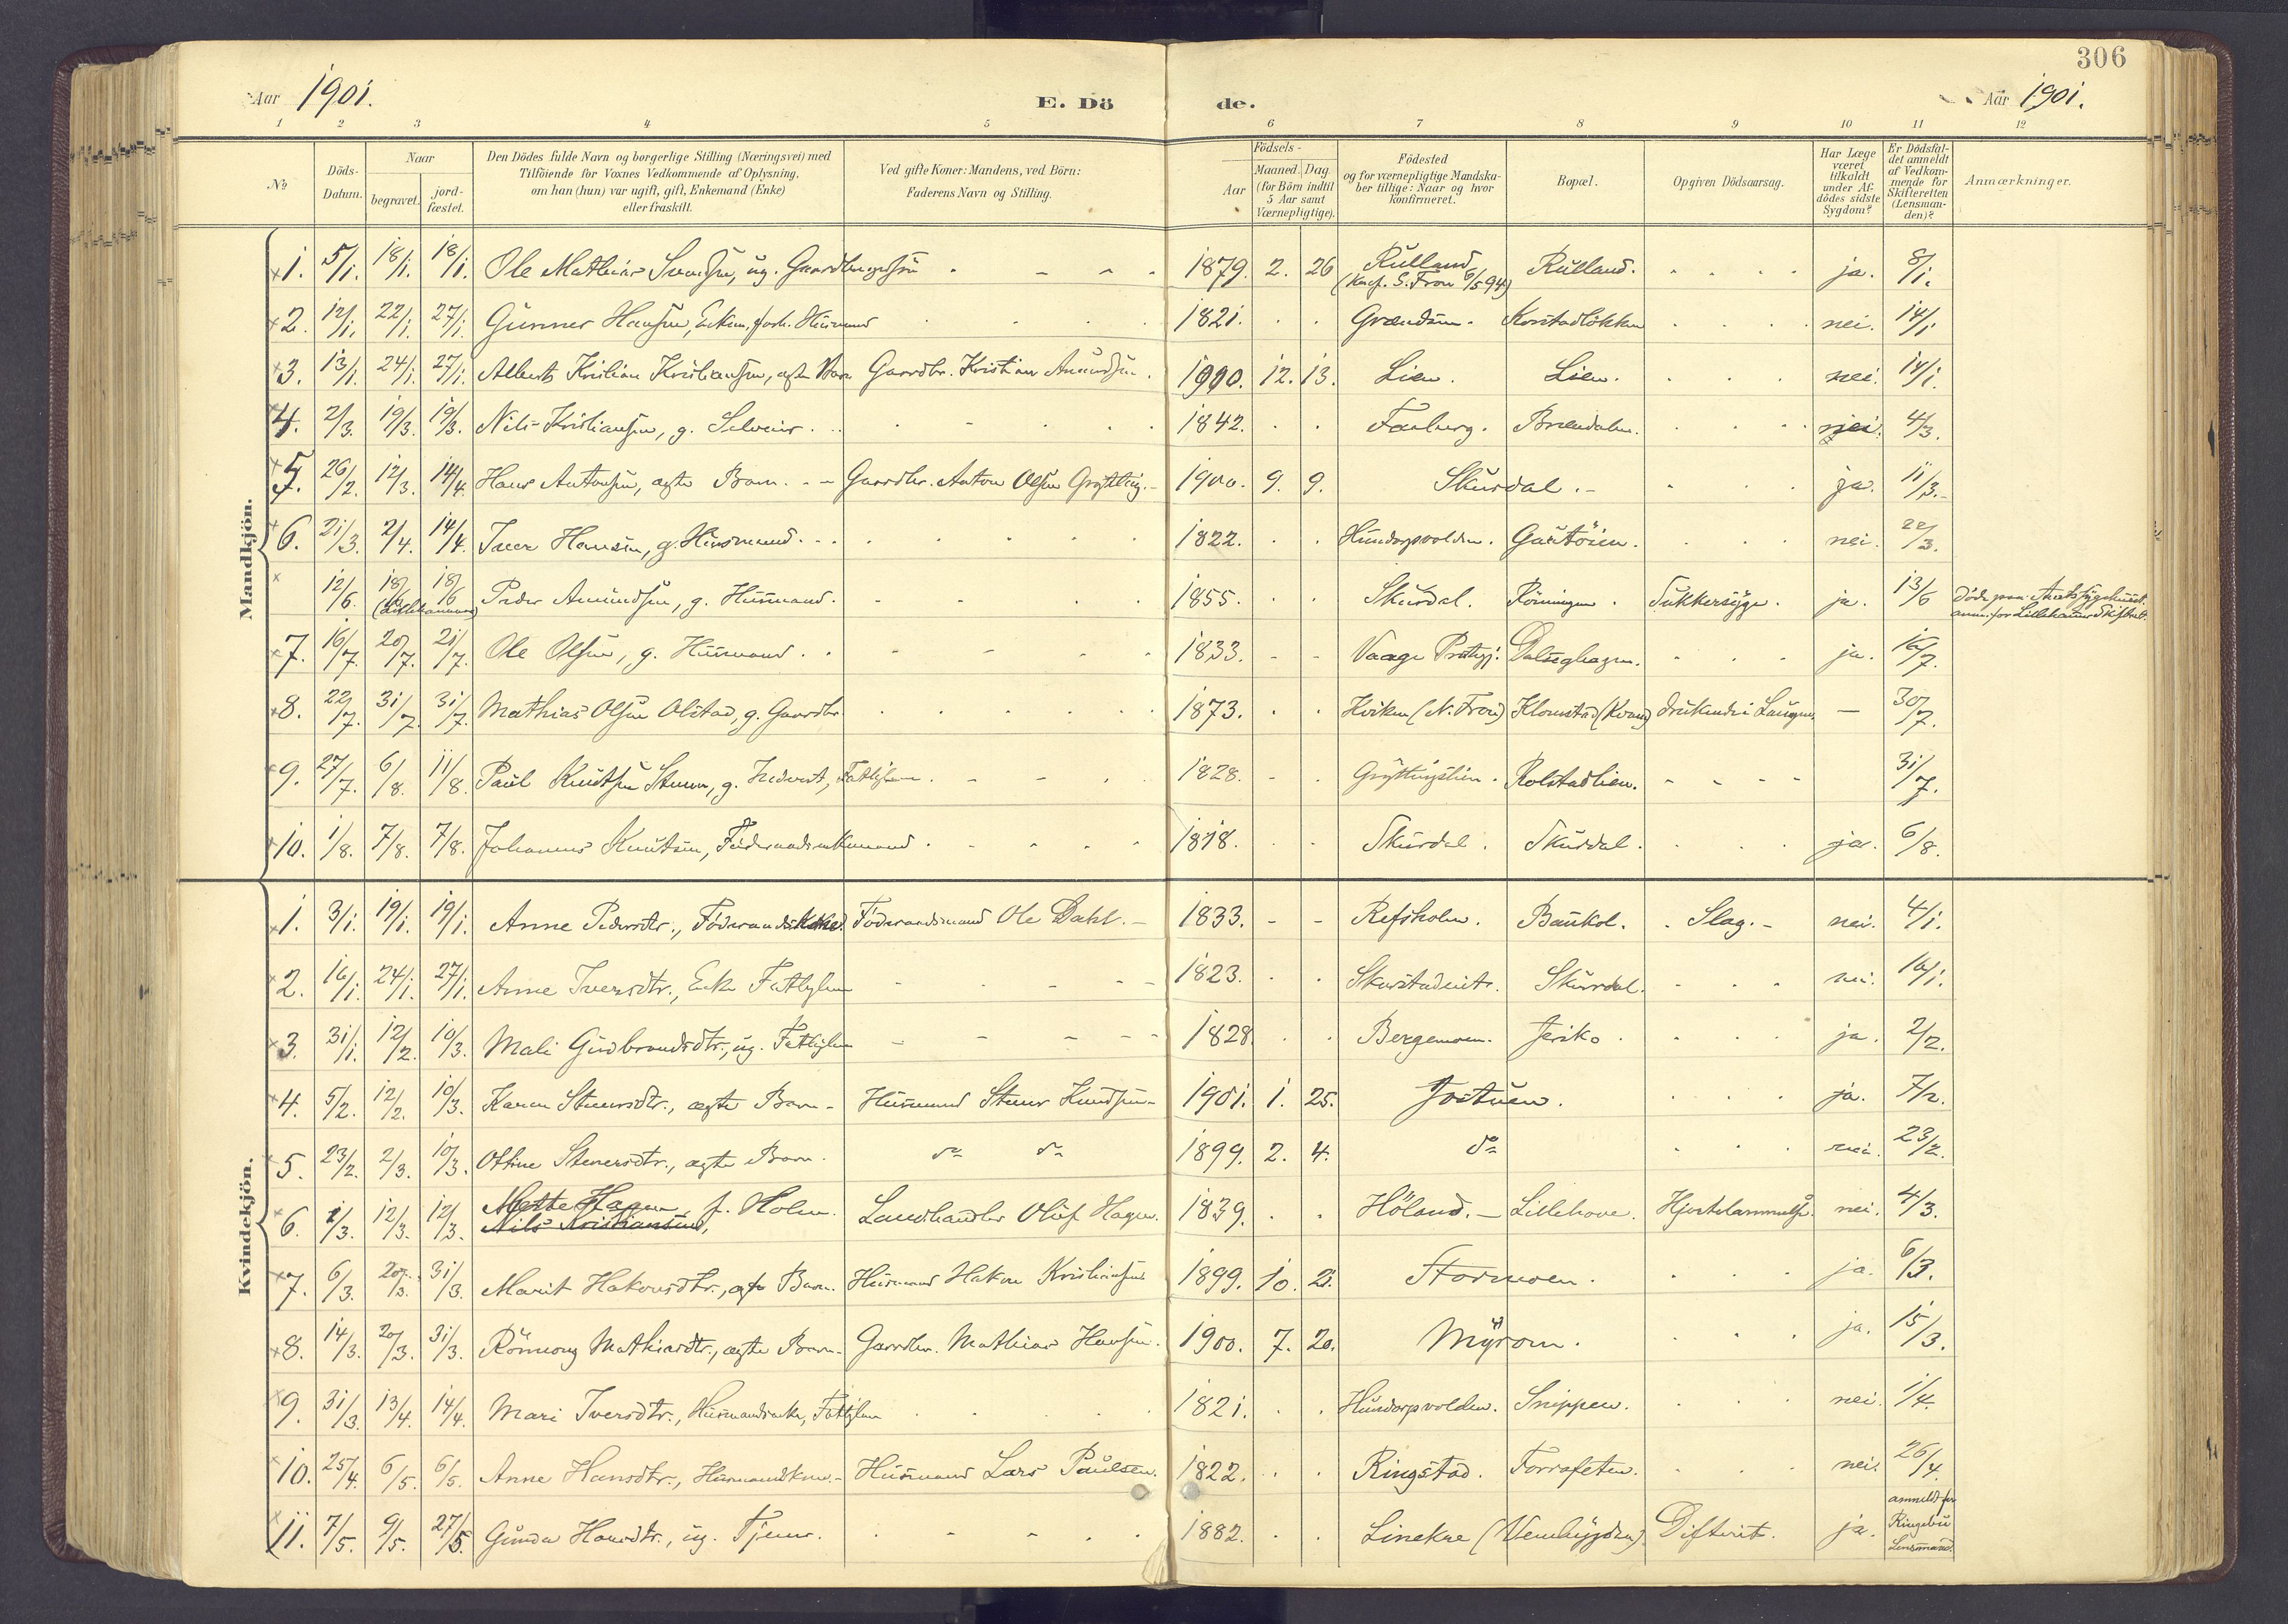 SAH, Sør-Fron prestekontor, H/Ha/Haa/L0004: Ministerialbok nr. 4, 1898-1919, s. 306